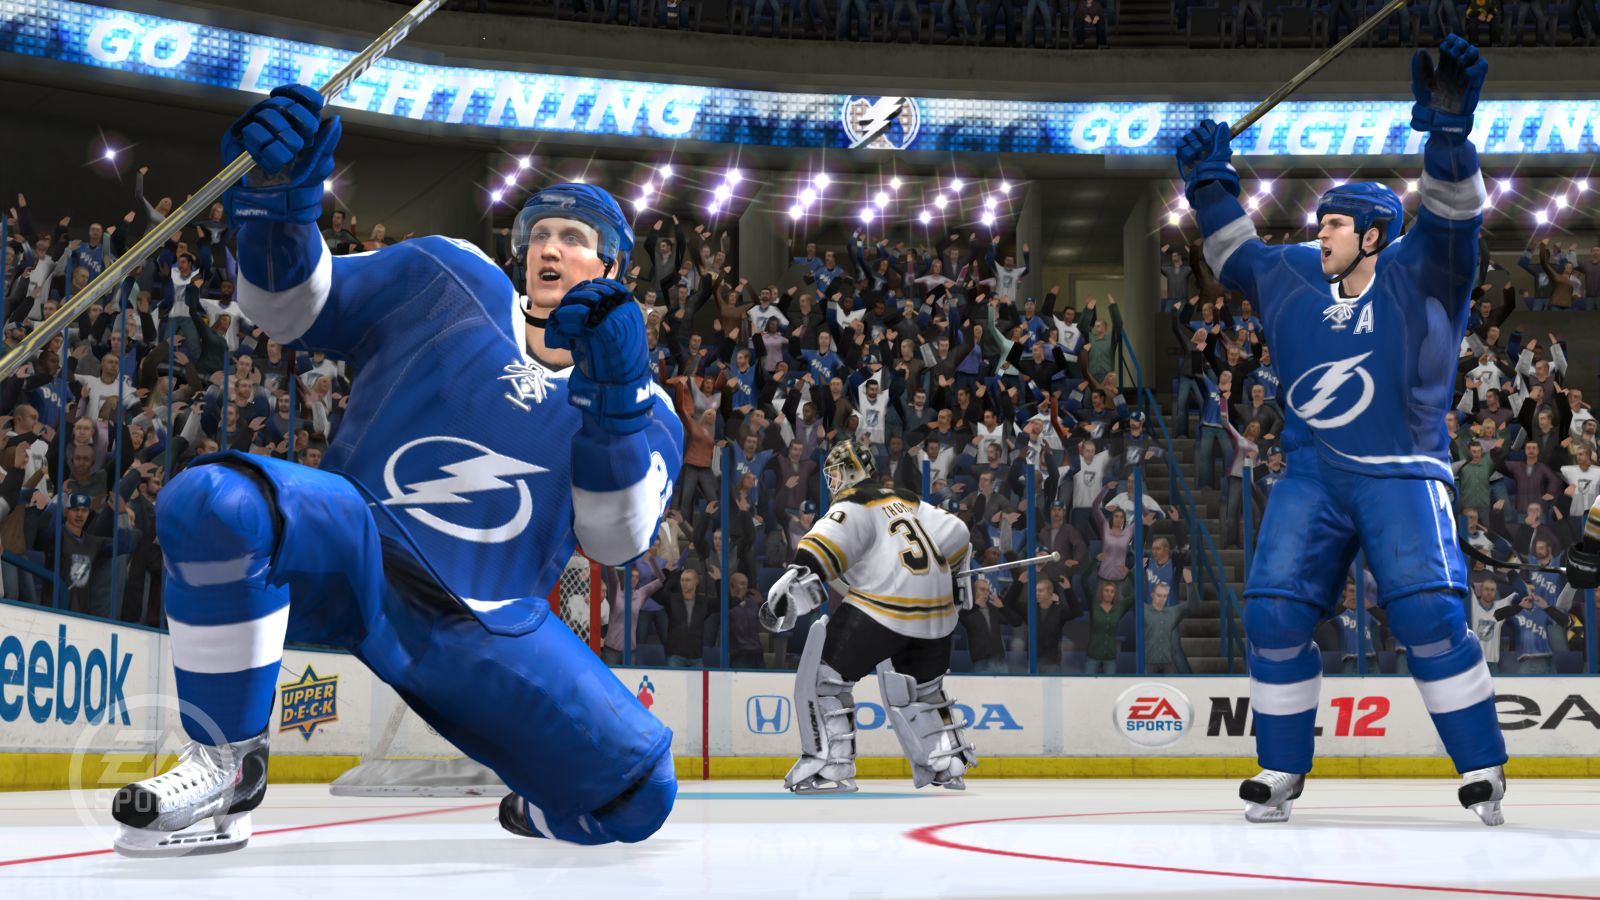 Tváří NHL 12 je Steven Stamkos 45420